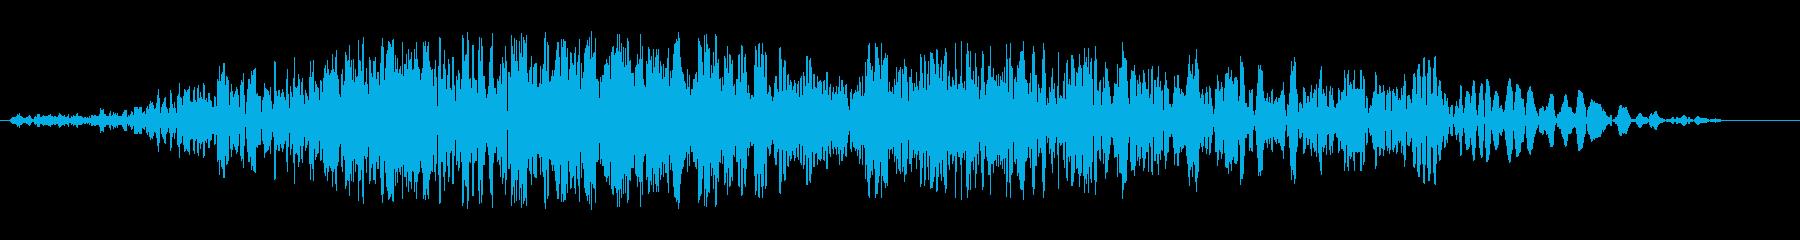 シュイビシューン(風の音)変化系の再生済みの波形